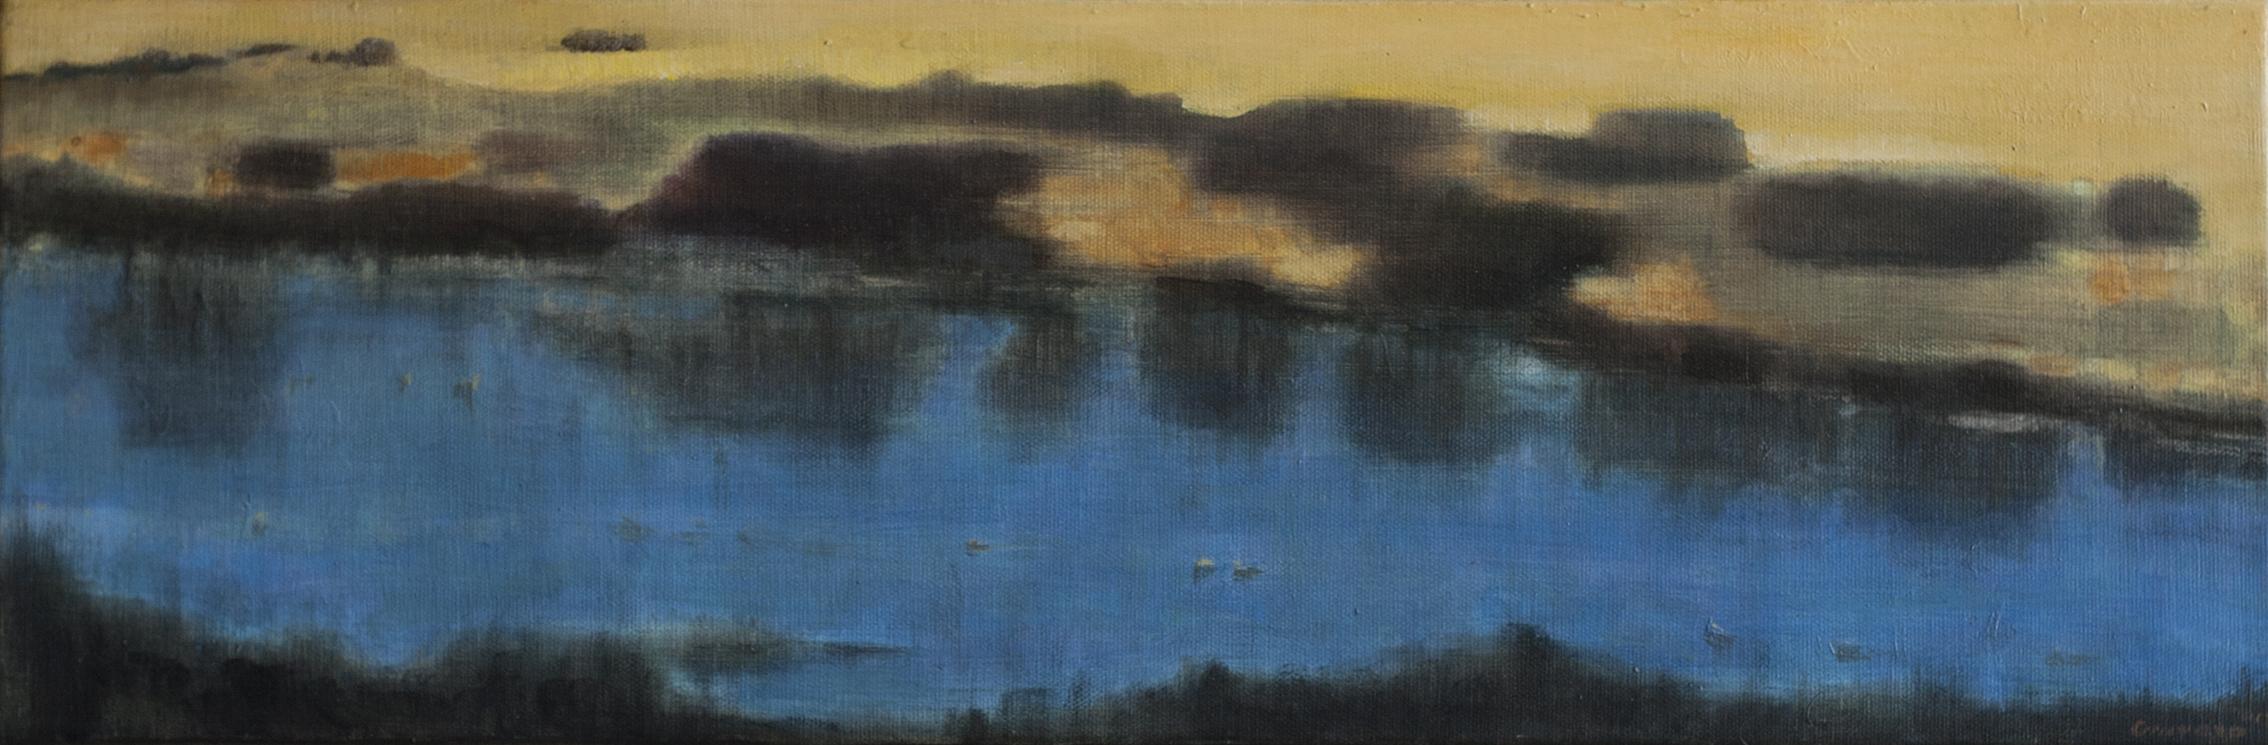 (4)  Humedal. Reflejos de orillas bajo un cielo incoloro   (2015), óleo sobre tela (20 x 60 cm) © Leonardo Cravero G.